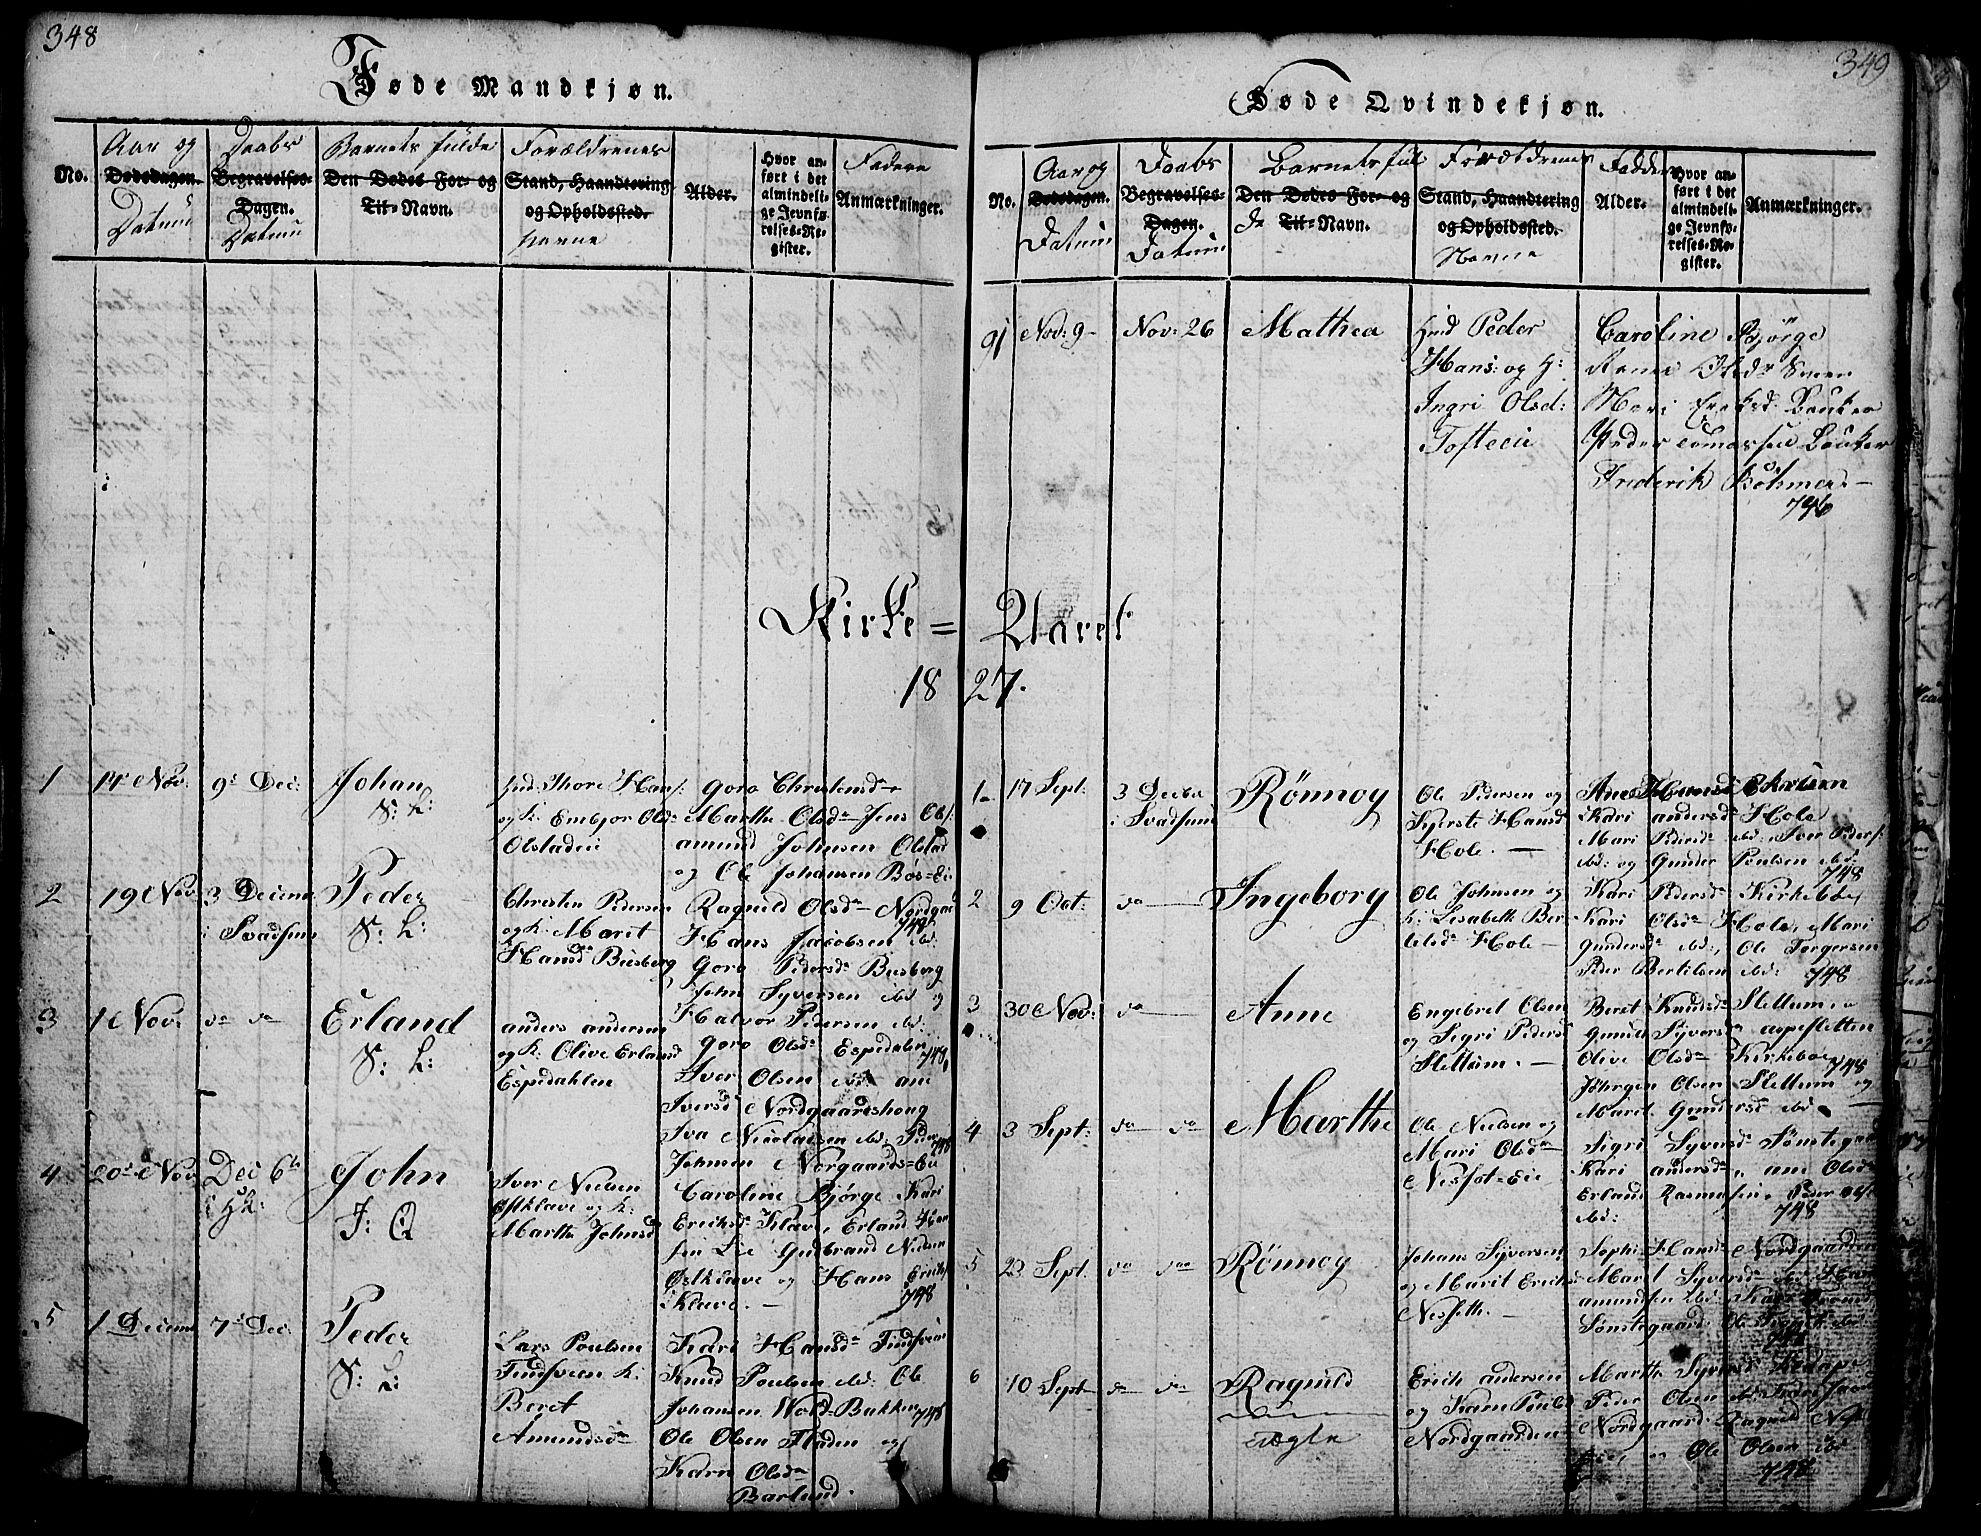 SAH, Gausdal prestekontor, Klokkerbok nr. 1, 1817-1848, s. 348-349